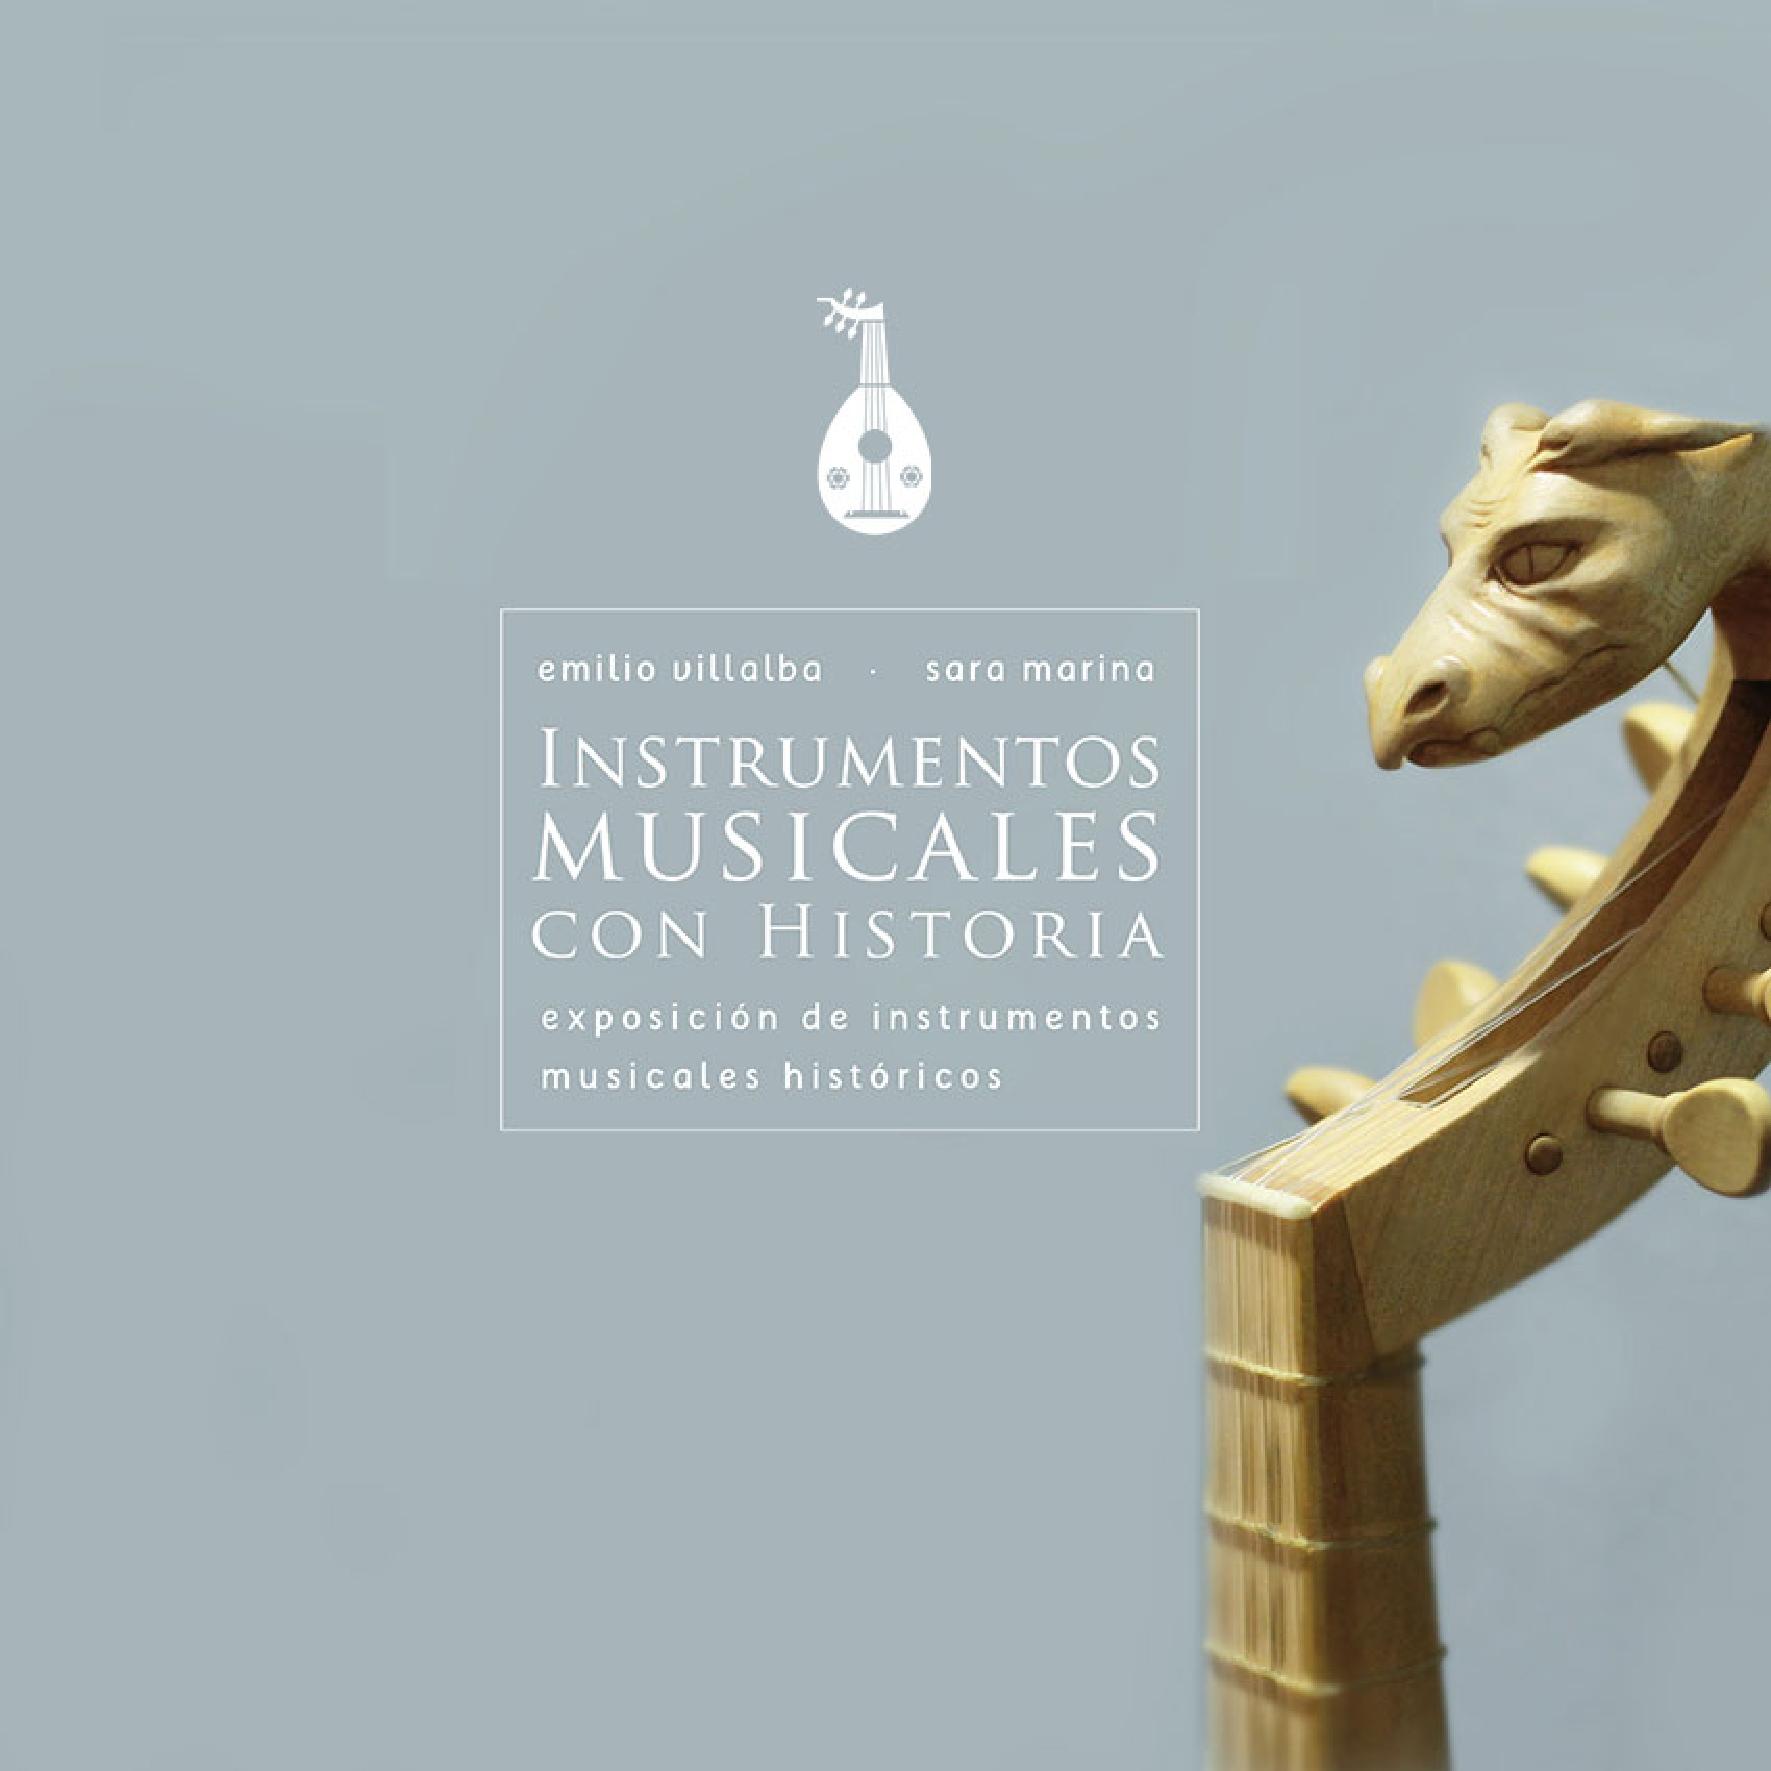 Emilio_Villalba_Exposici_n_Instrumentos_page-0001.jpg